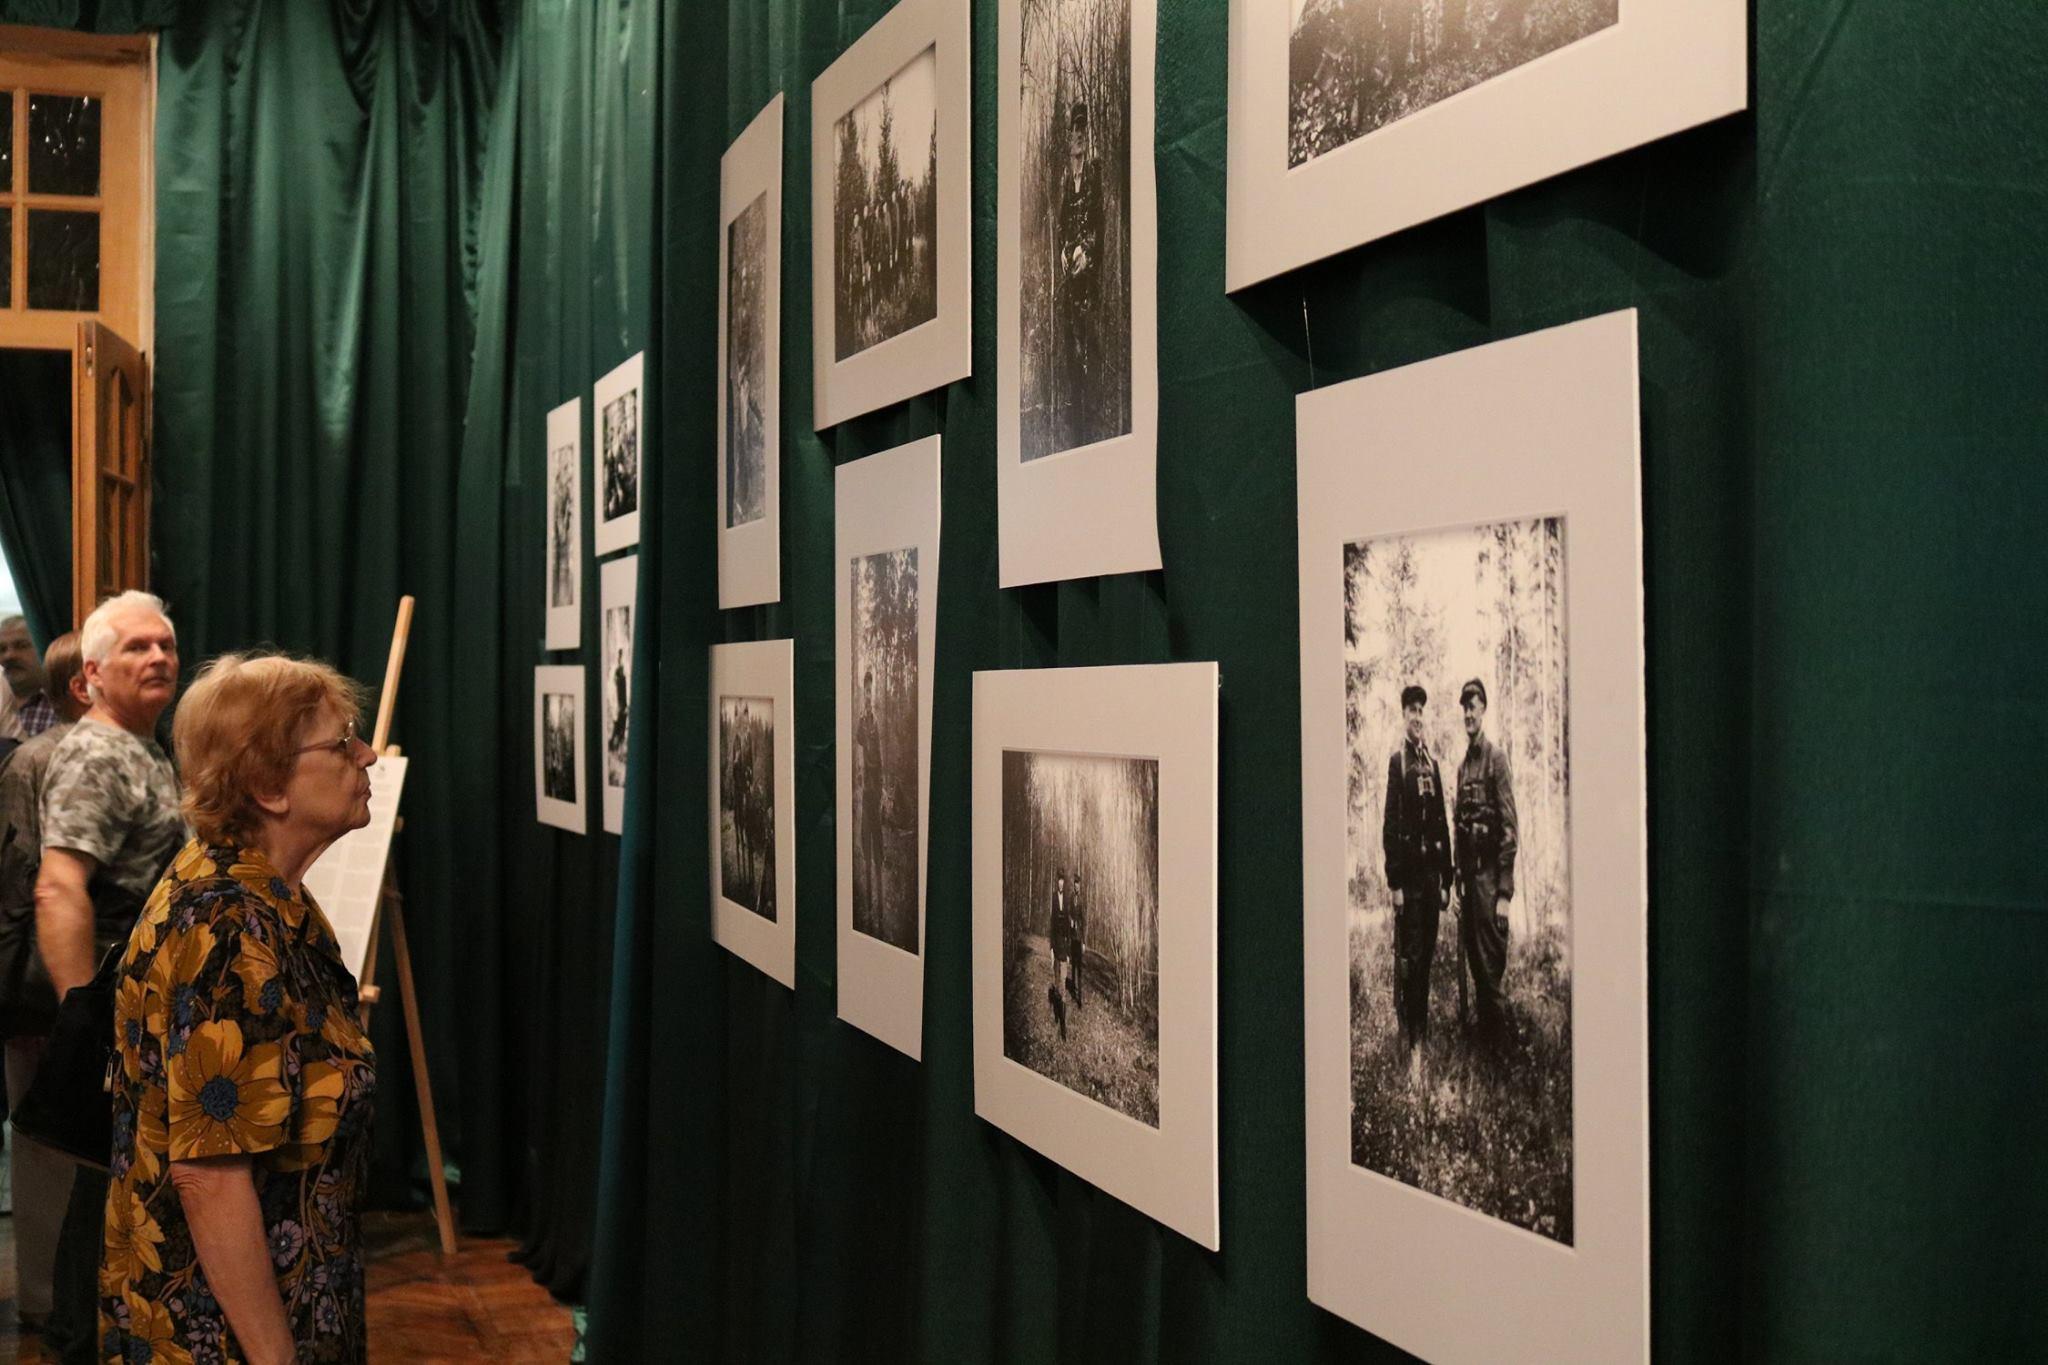 Partizanų fotografijos Kijeve | Ukrainos nacionalinio kariuomenės istorijos muziejaus nuotr.